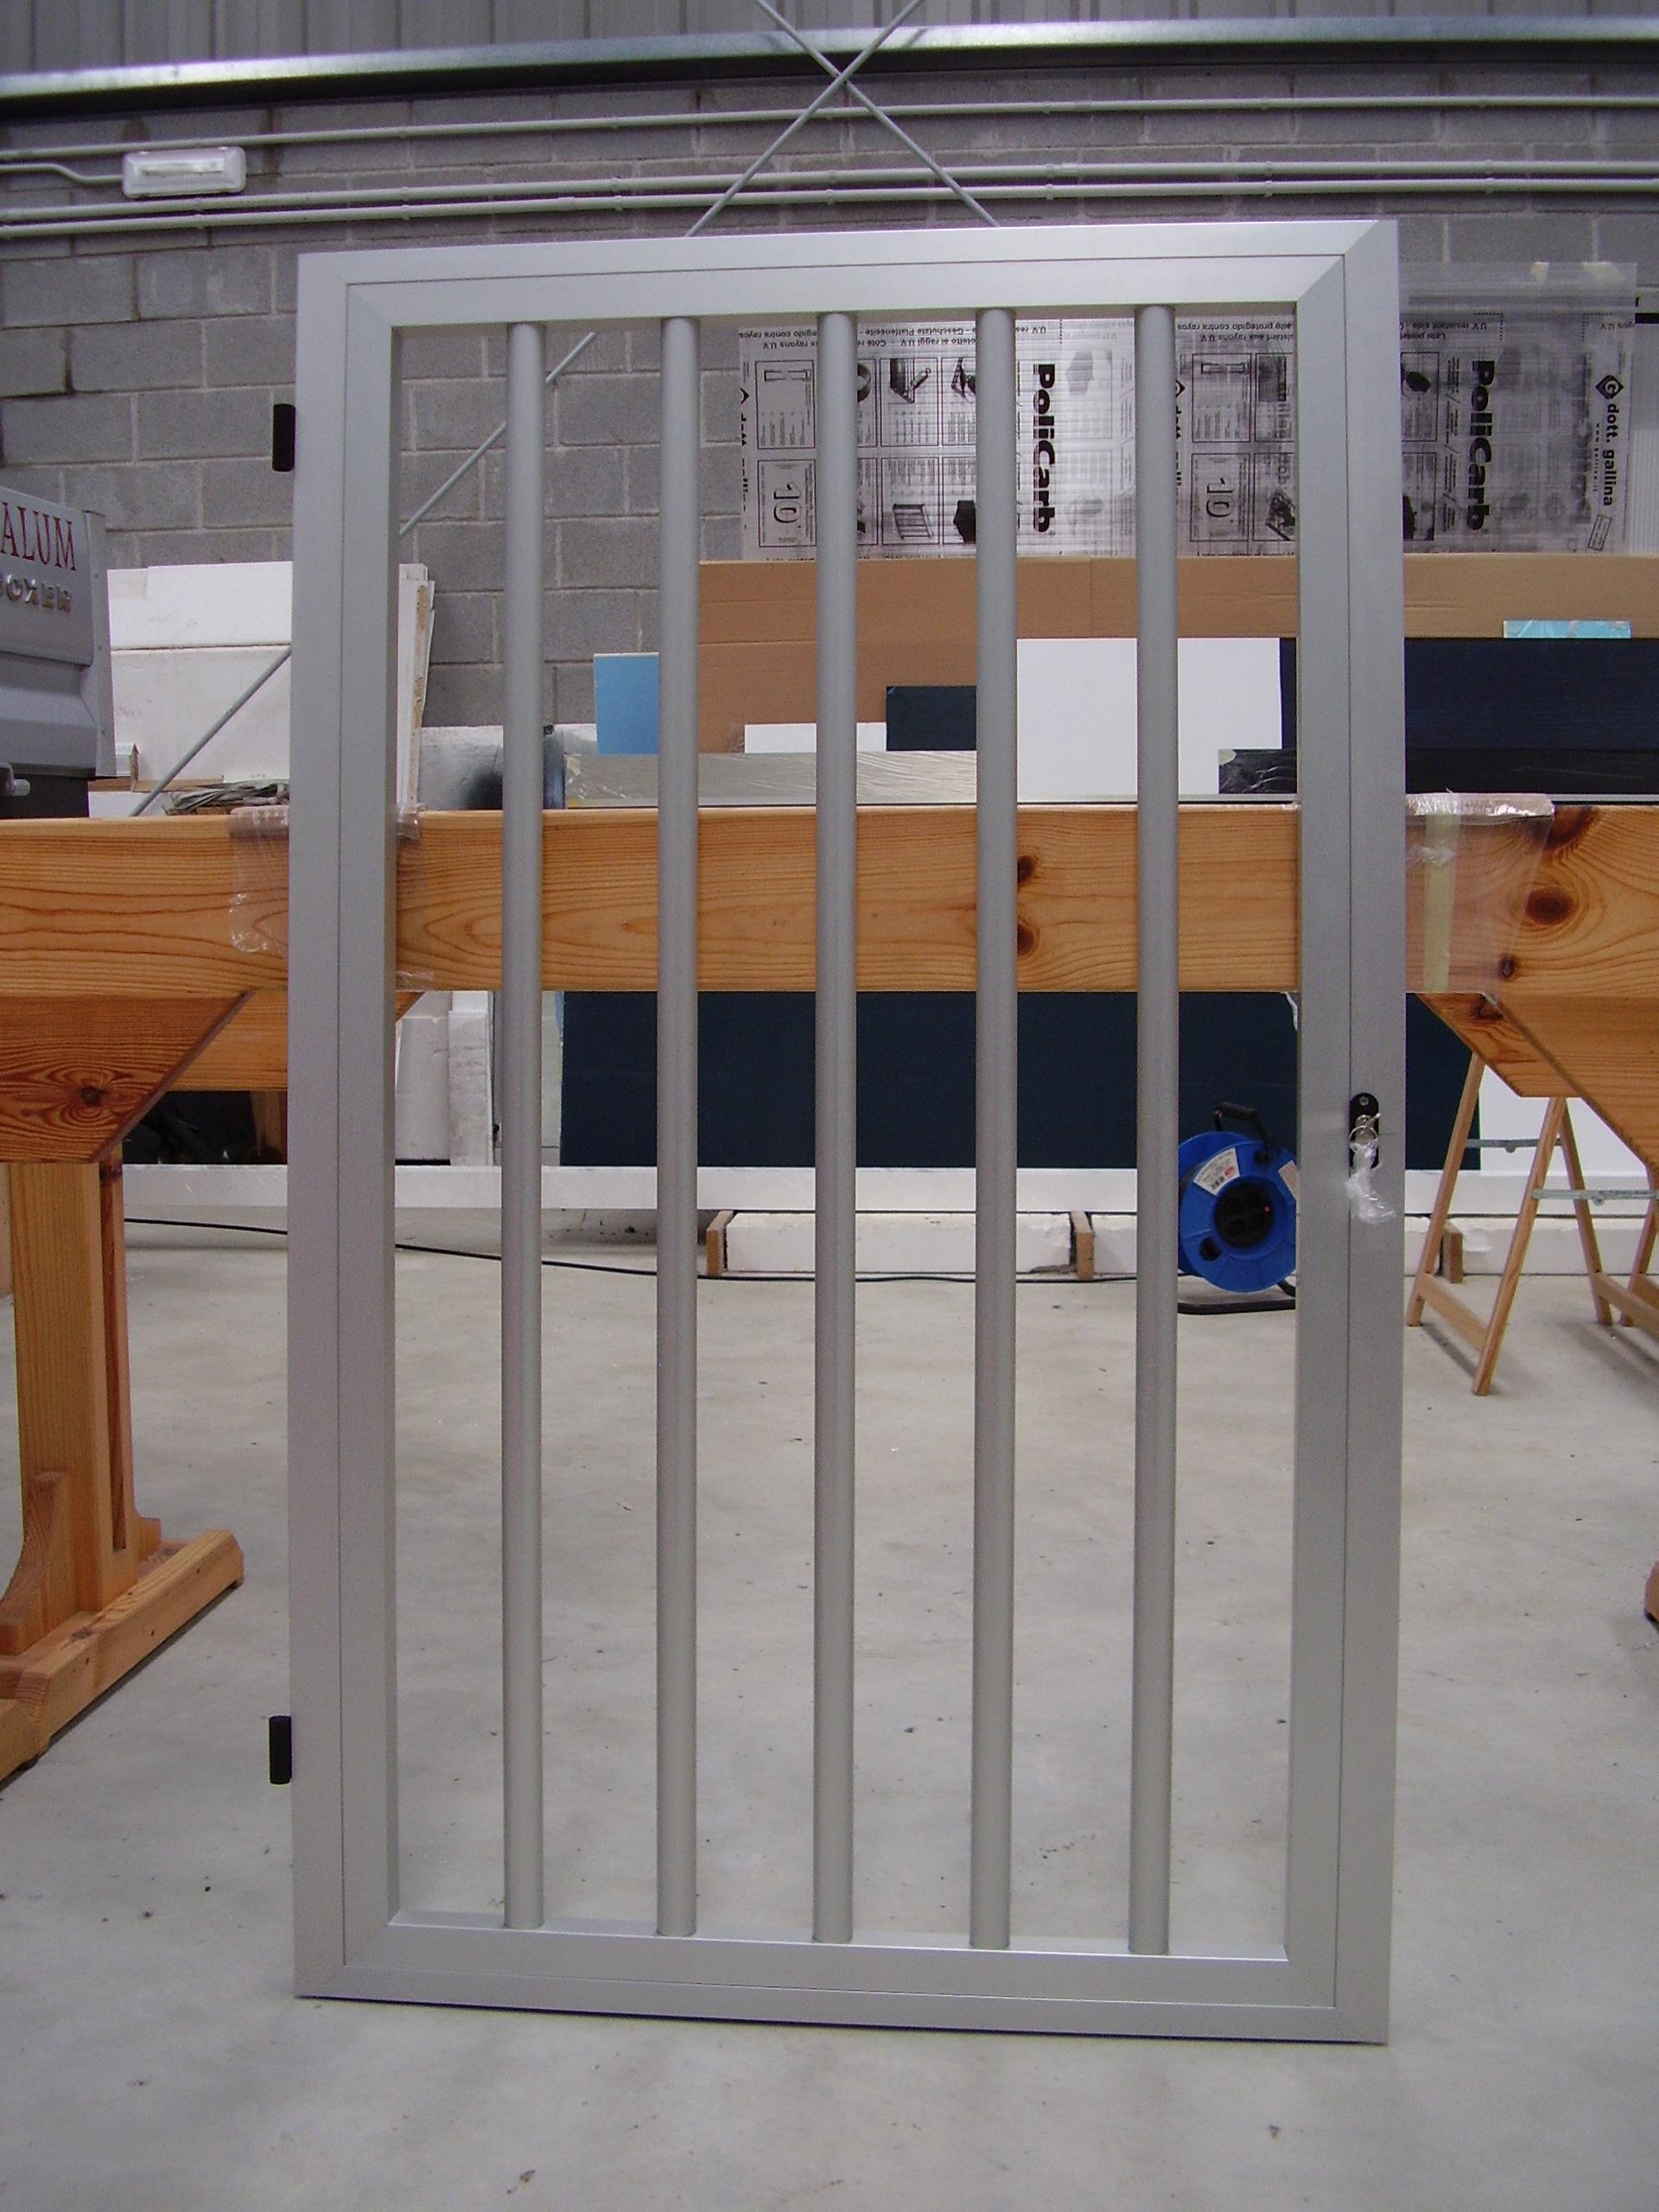 Puerta tipo reja con tubos en vertical